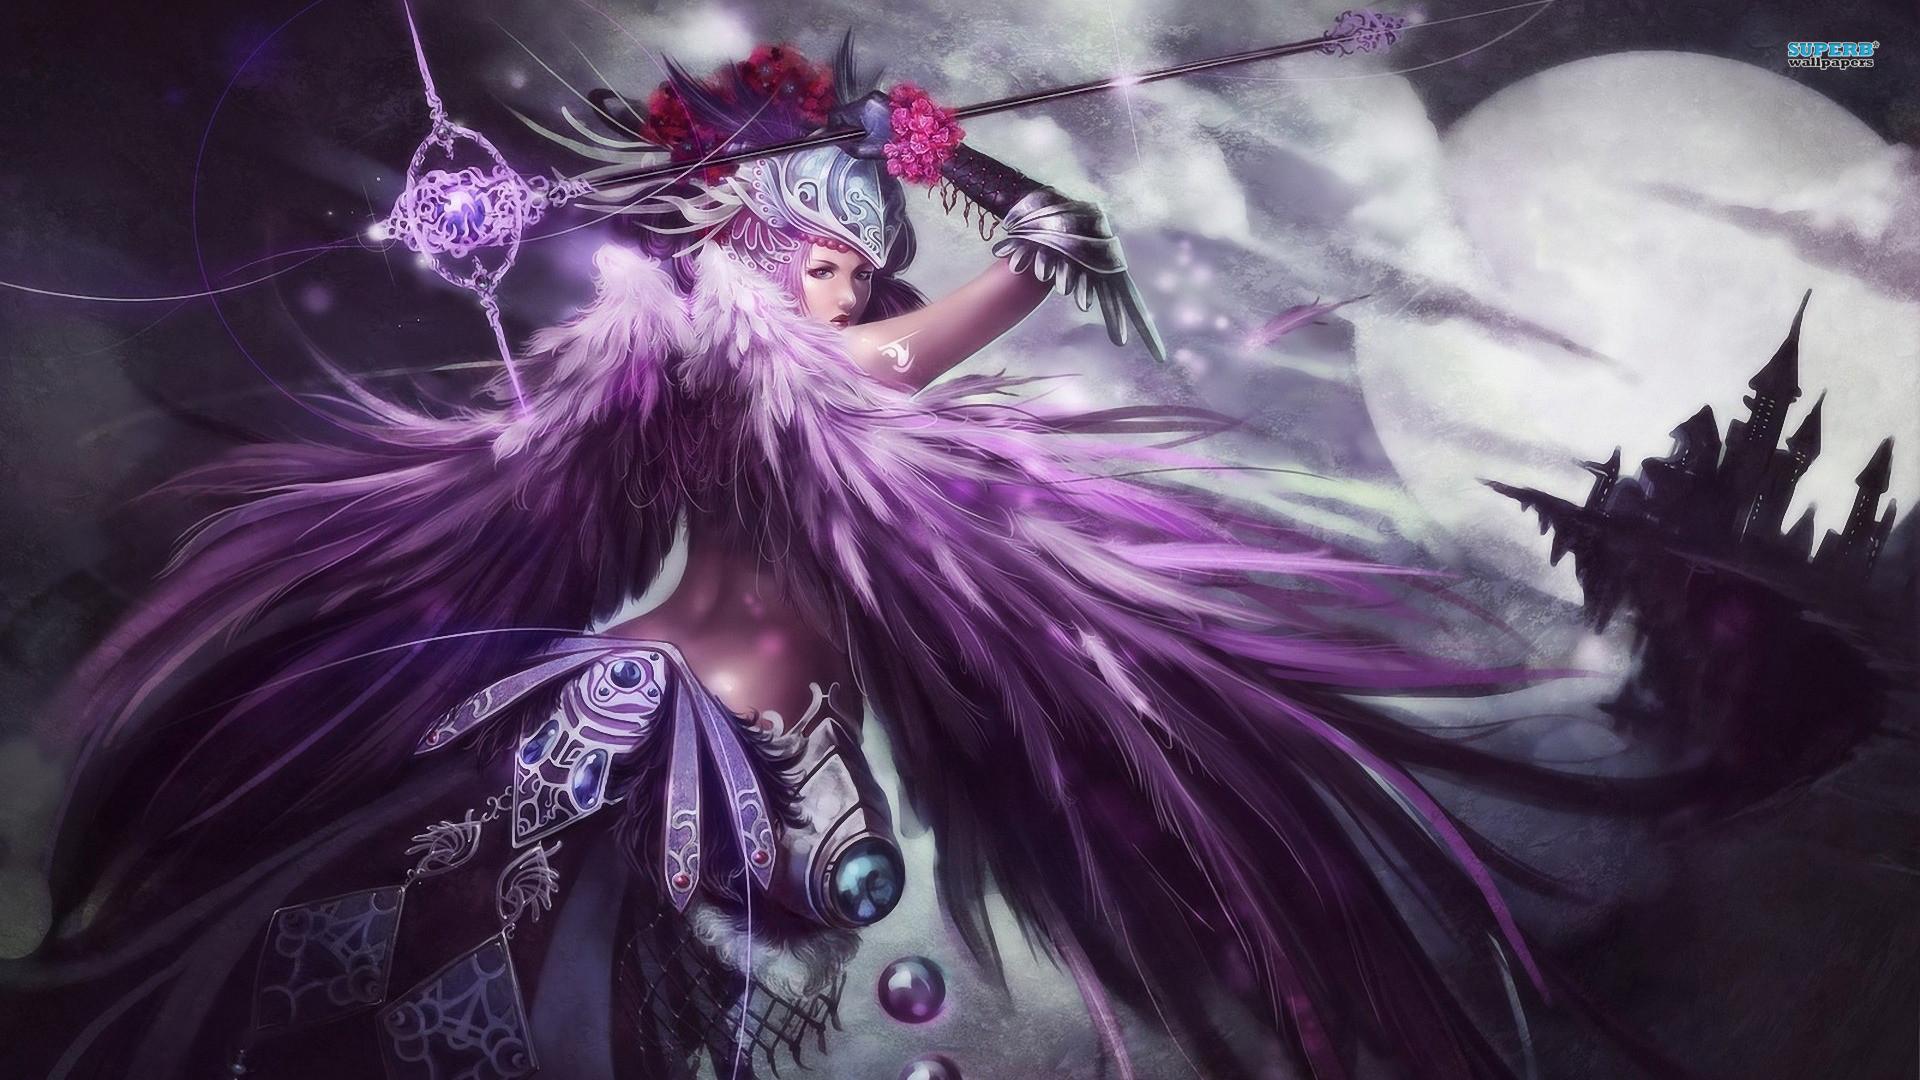 warrior angels images | Warrior angel wallpaper | Warrior Angels  | Pinterest | Krigerengel, Kunst og Anime